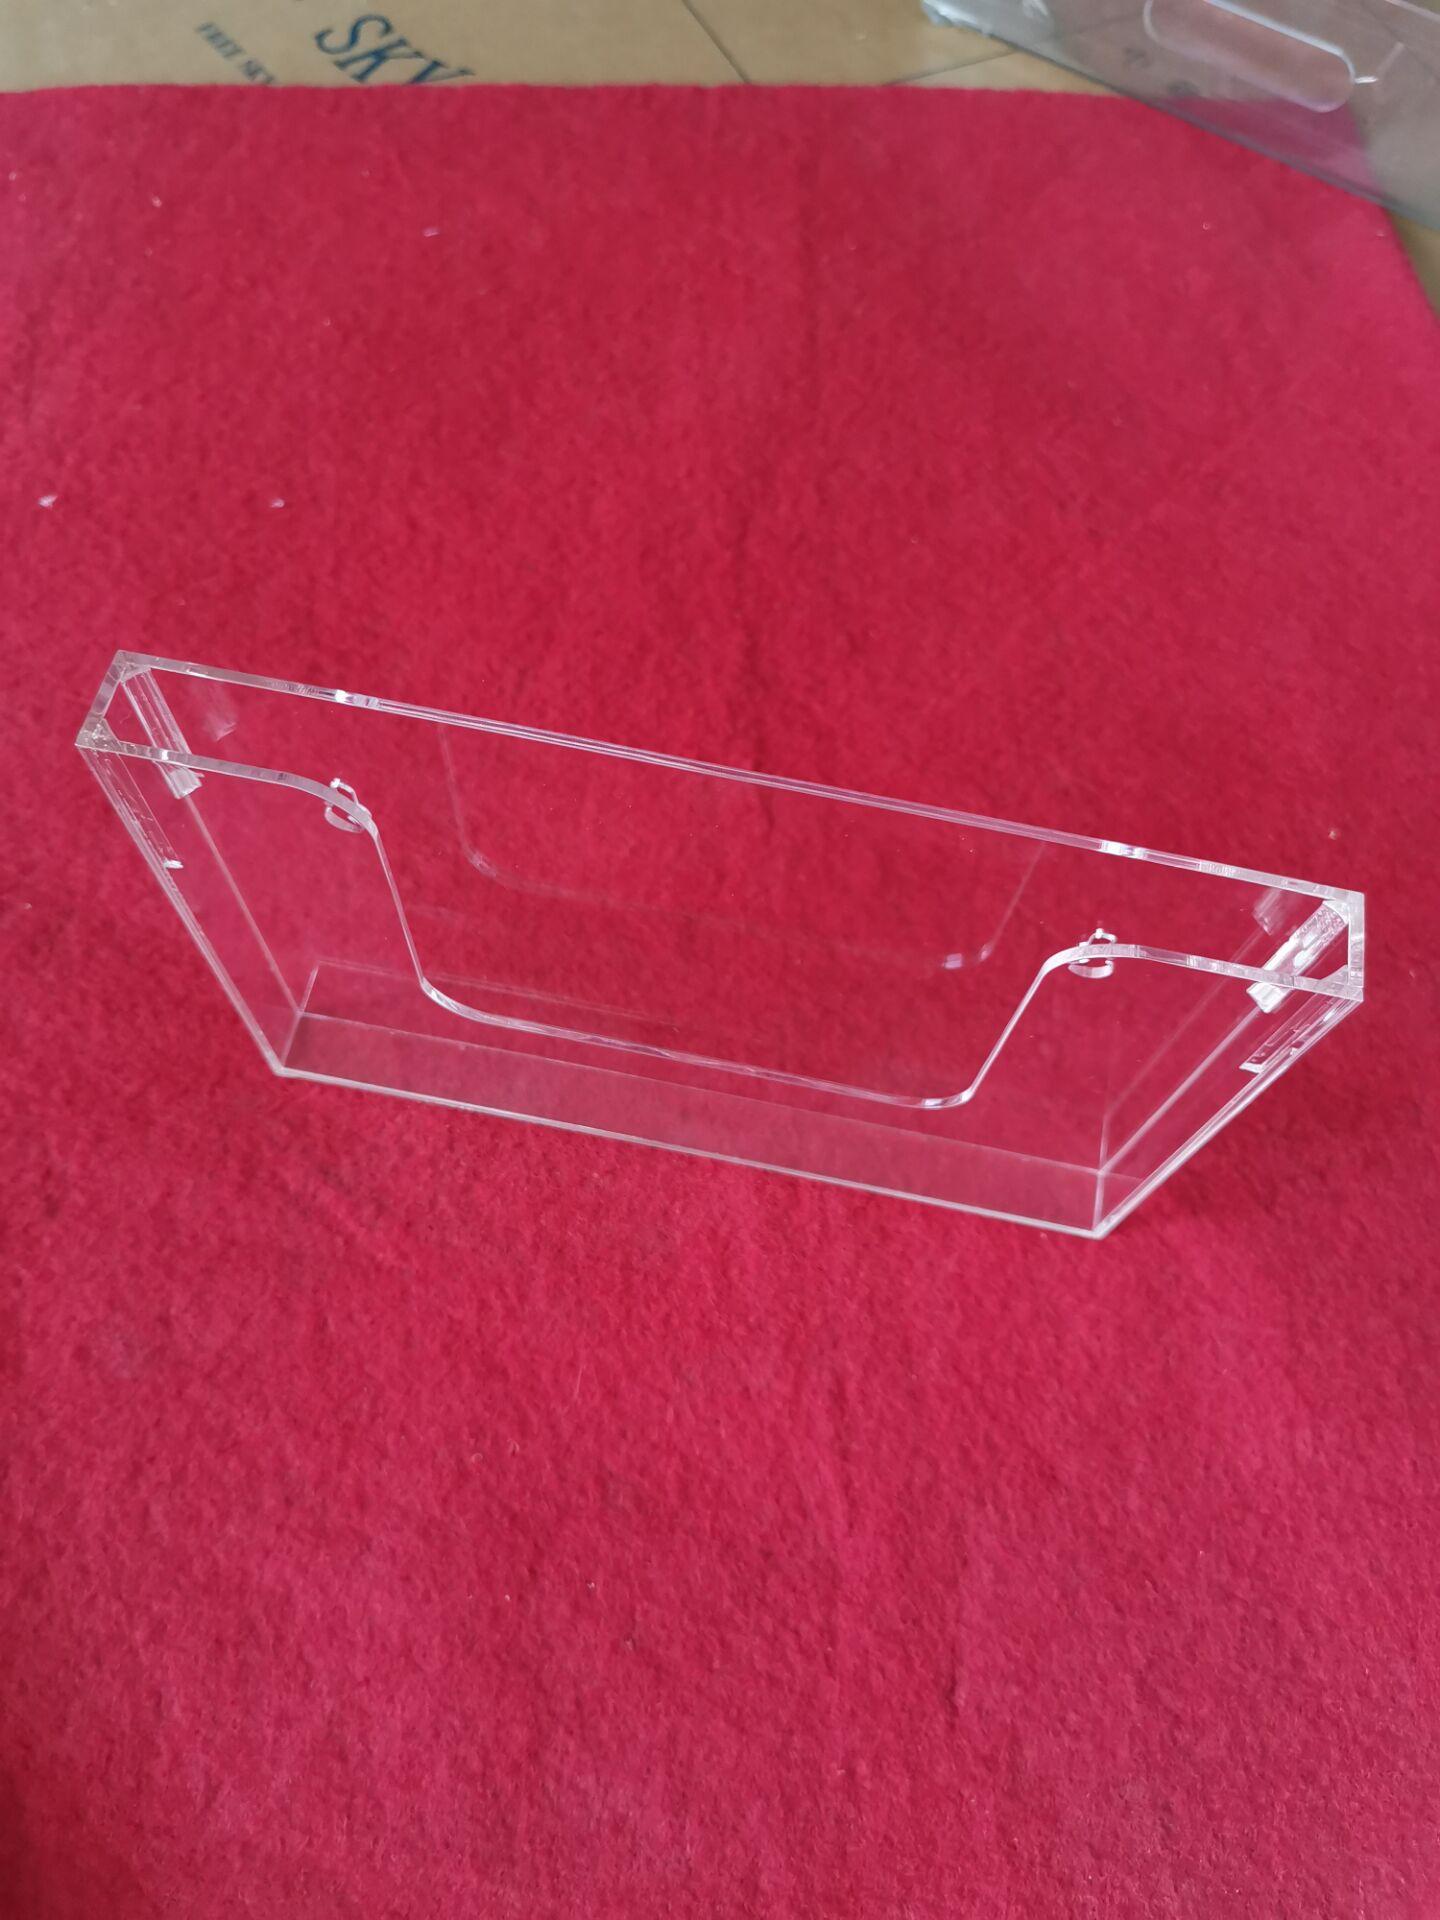 宁波安君有机玻璃亚克力制品厂定制加工葫芦孔挂墙资料盒